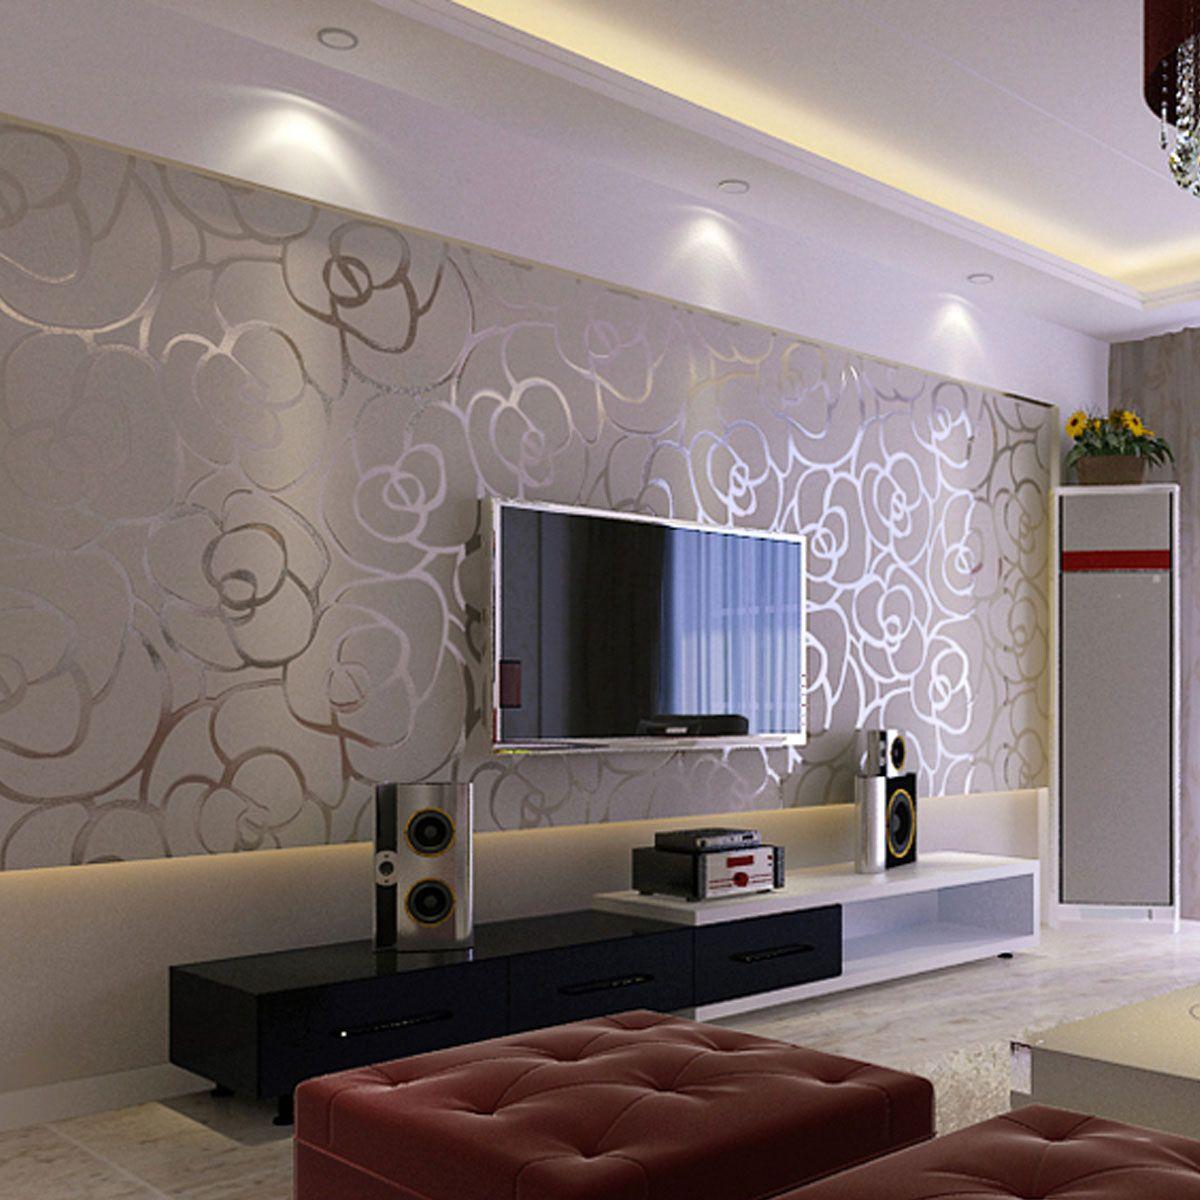 Modern Wallpaper For Walls | Full Free HD Wallpapers | Smykowski | Pinterest | Living room ...